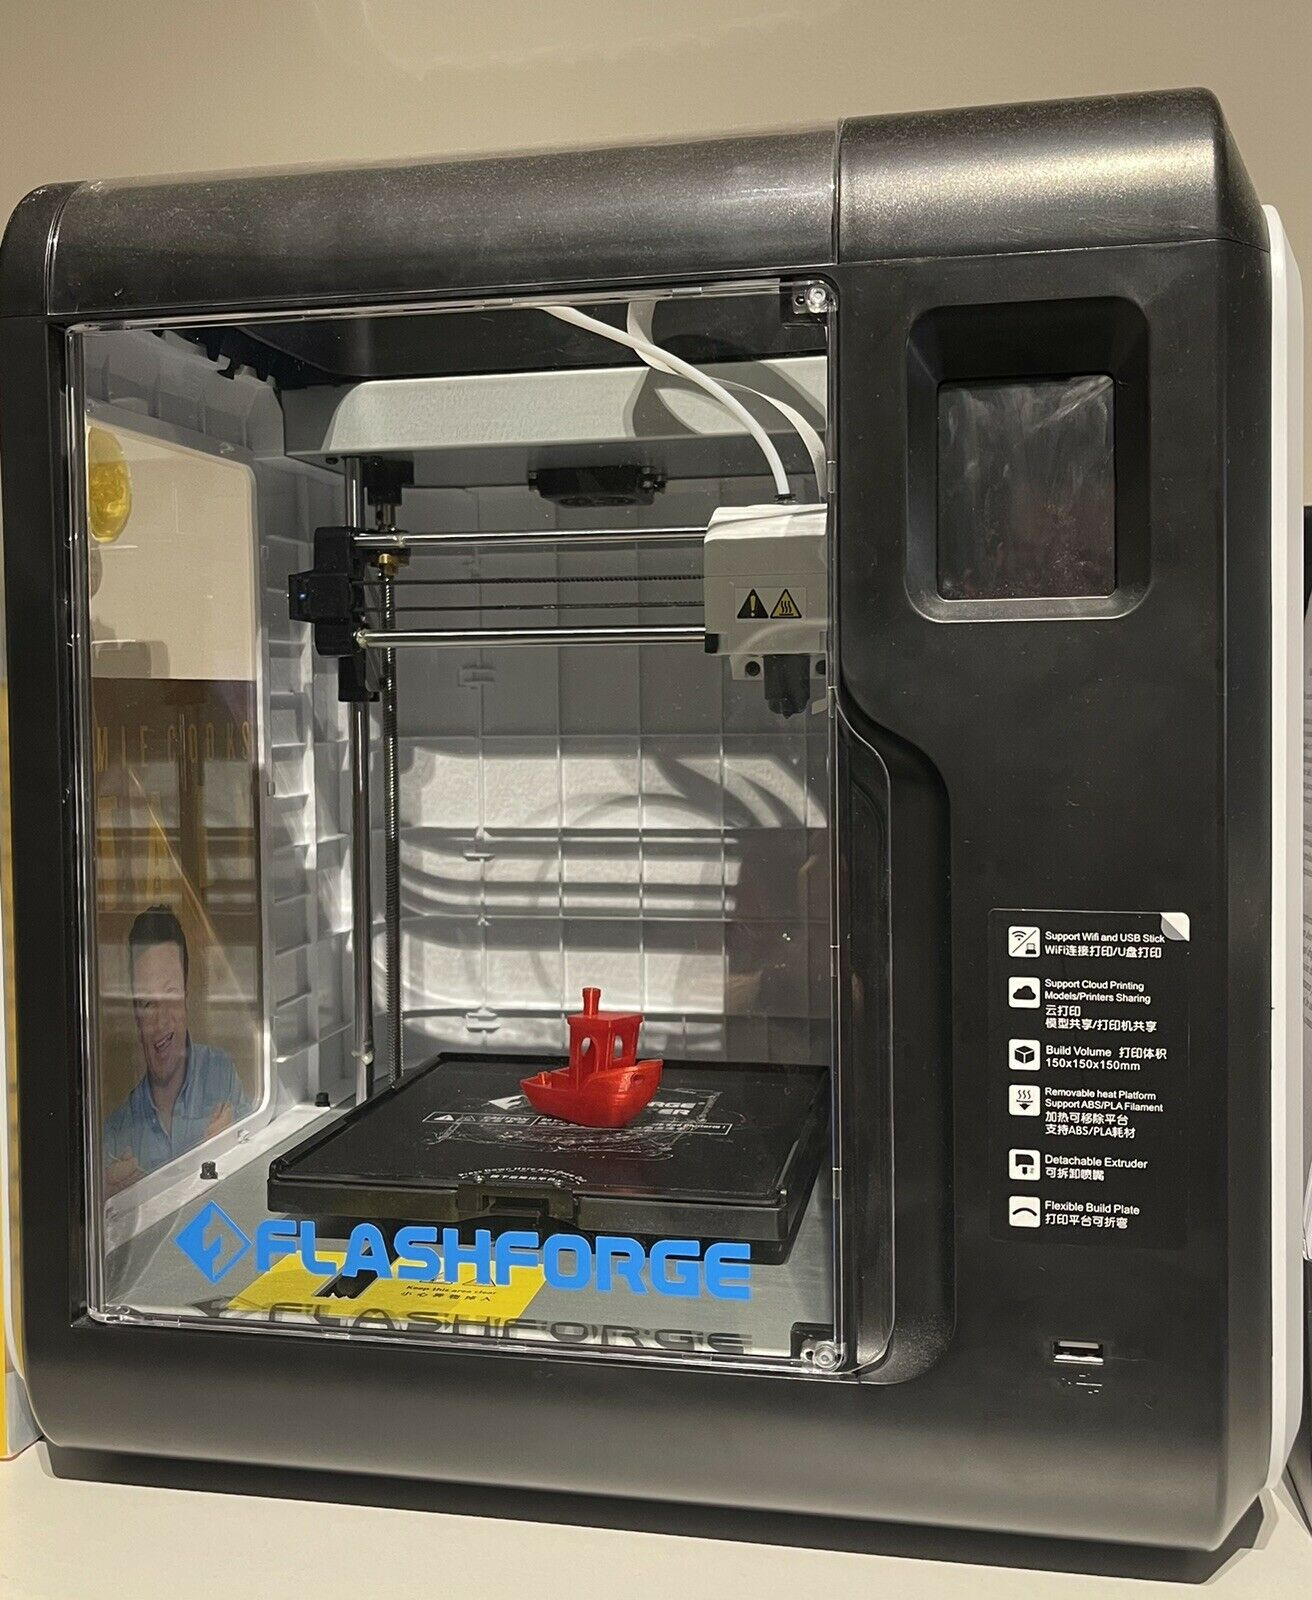 Flashforge Adventurer 3 3D PRINTER COMPLETE STARTER Bundle Everything Included